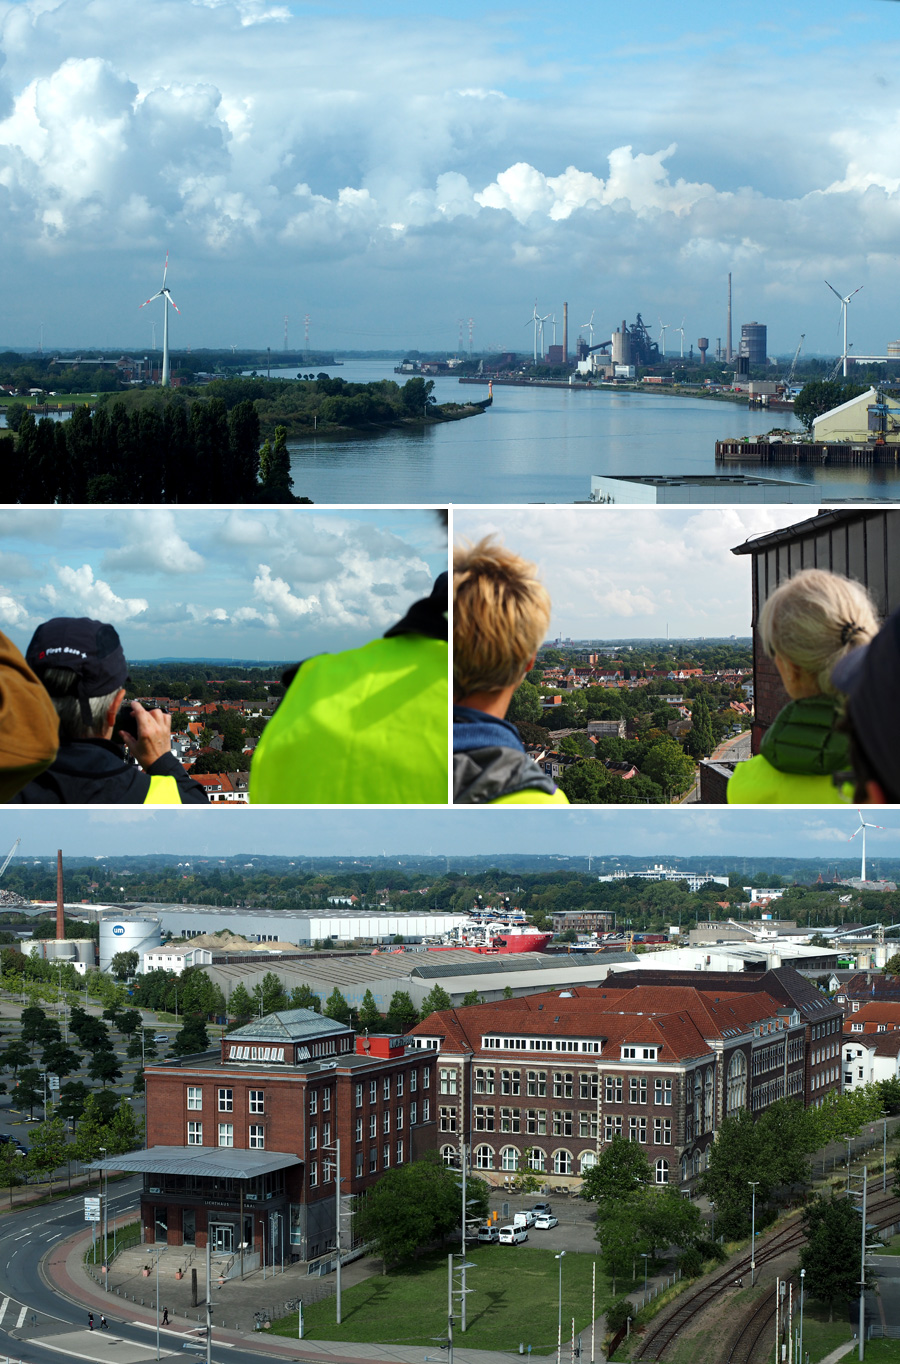 """Oben der Blick weserabwärts in Richtung Bremen-Nord. In der Mitte links lässt sich am Horizont der Weyer Berg bei Worpswede erkennen, rechts sieht man den Fallturm. Unten die ehemaligen Verwaltungsgebäude der """"AG Weser"""", die hier einst ansässig war."""